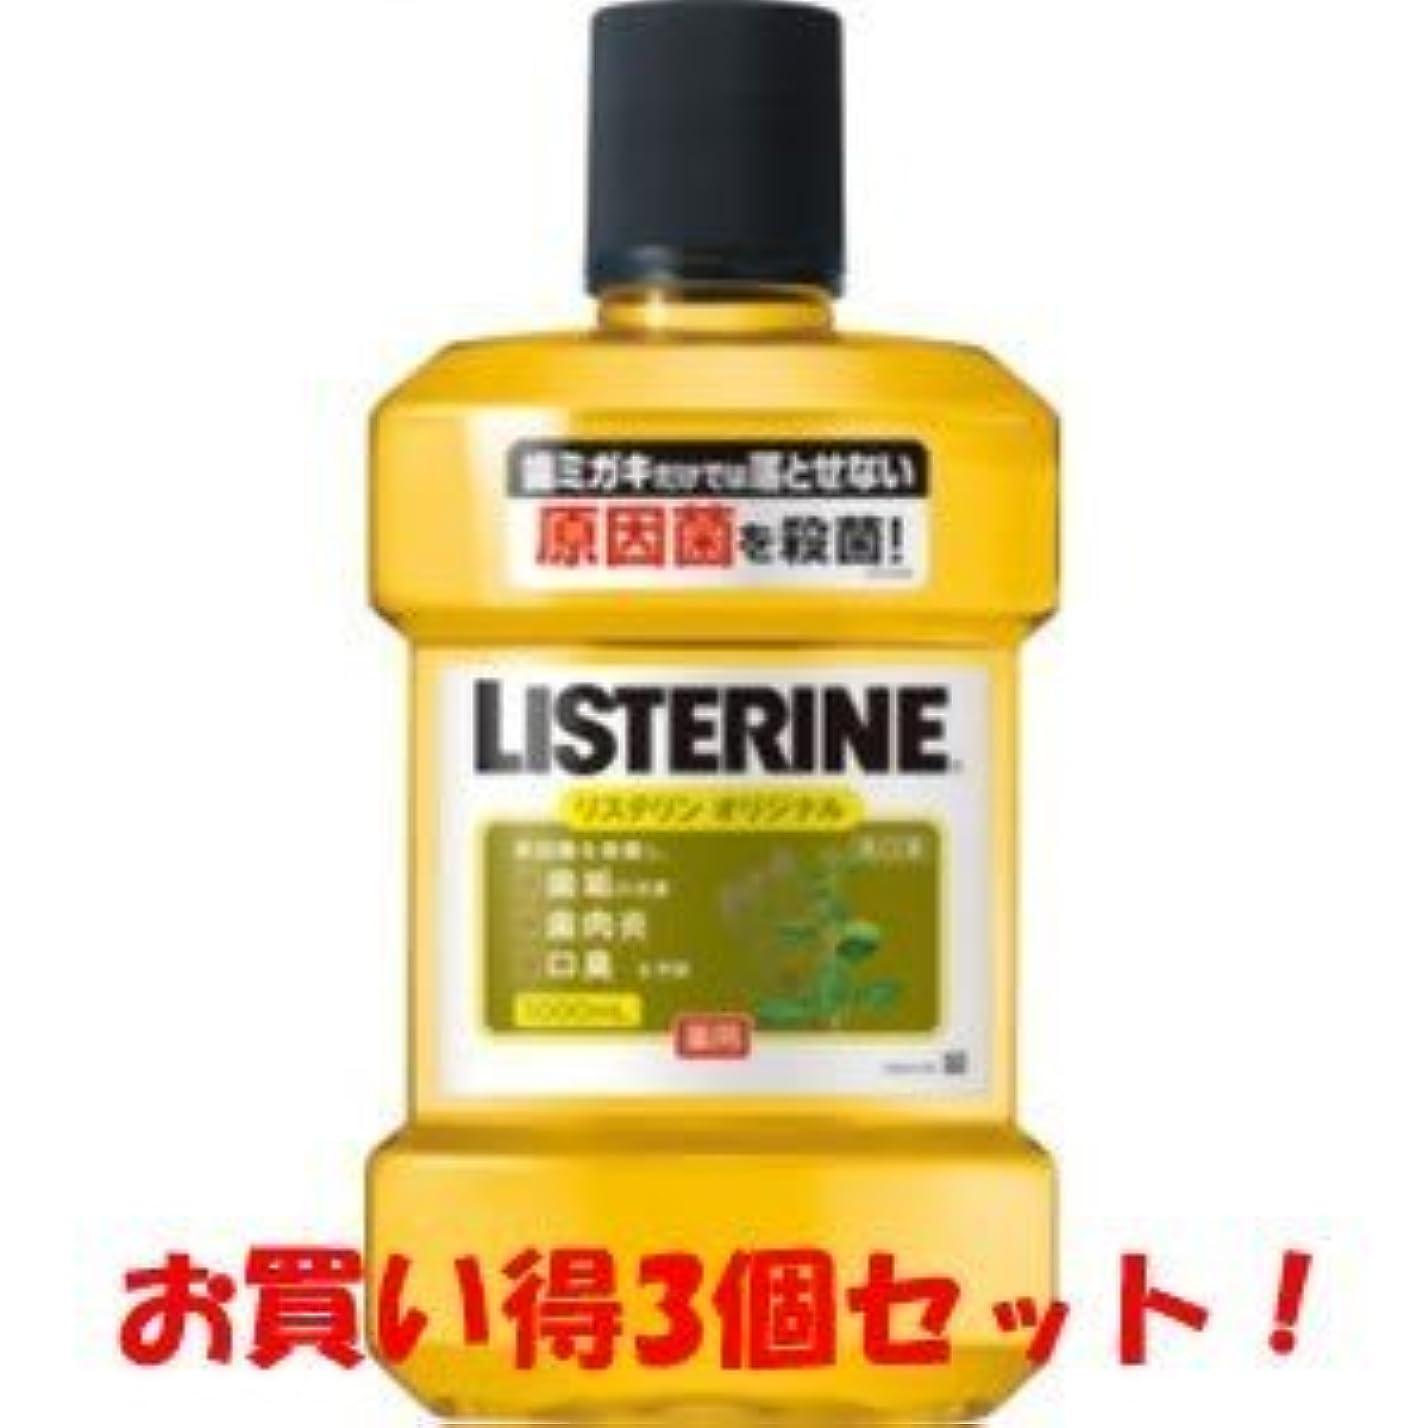 【ジョンソン&ジョンソン】薬用 リステリン オリジナル 1000ml(医薬部外品)(お買い得3個セット)